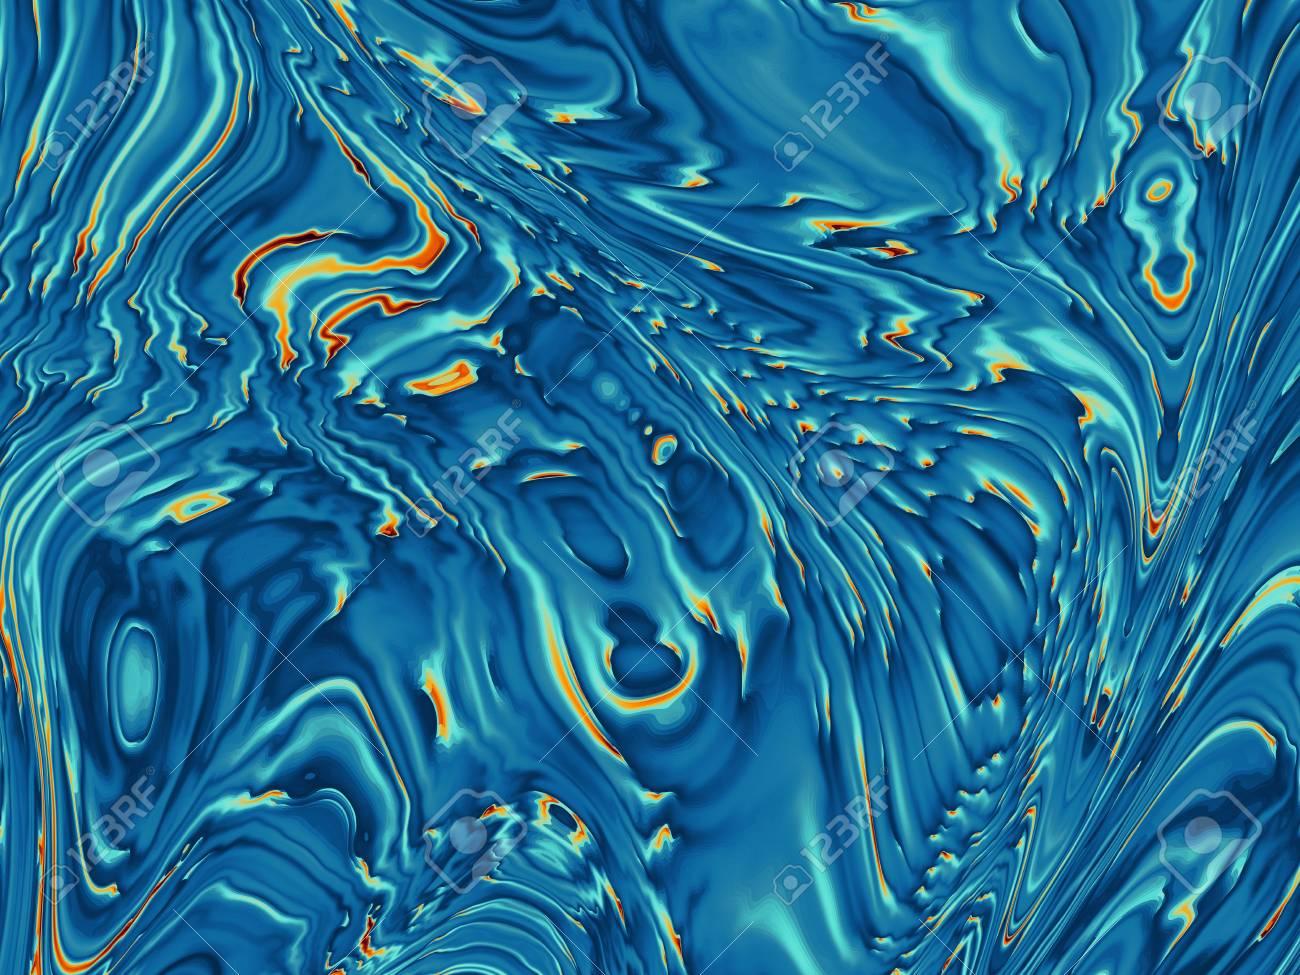 Abstrait Bleu Ondulé Dans Le Style De L Art Numérique Peut être Utilisé Comme Fond D écran Imitation De Marbre